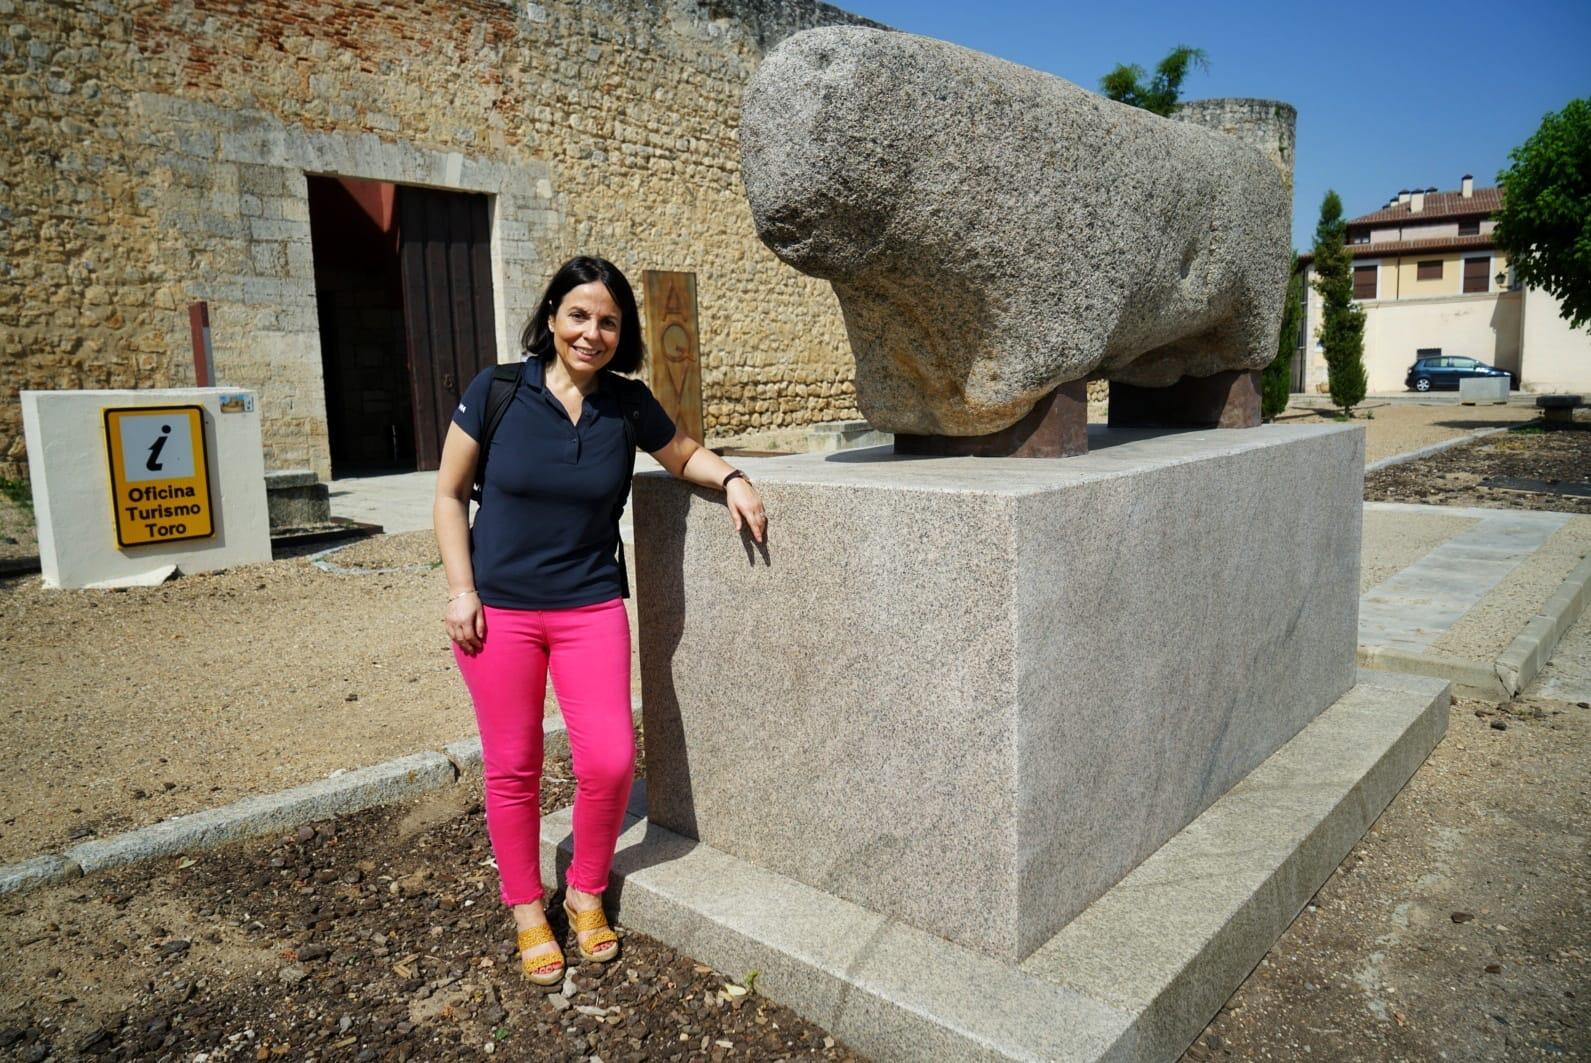 El verraco que está frente al alcázar desmochado da nombre a la localidad de Toro